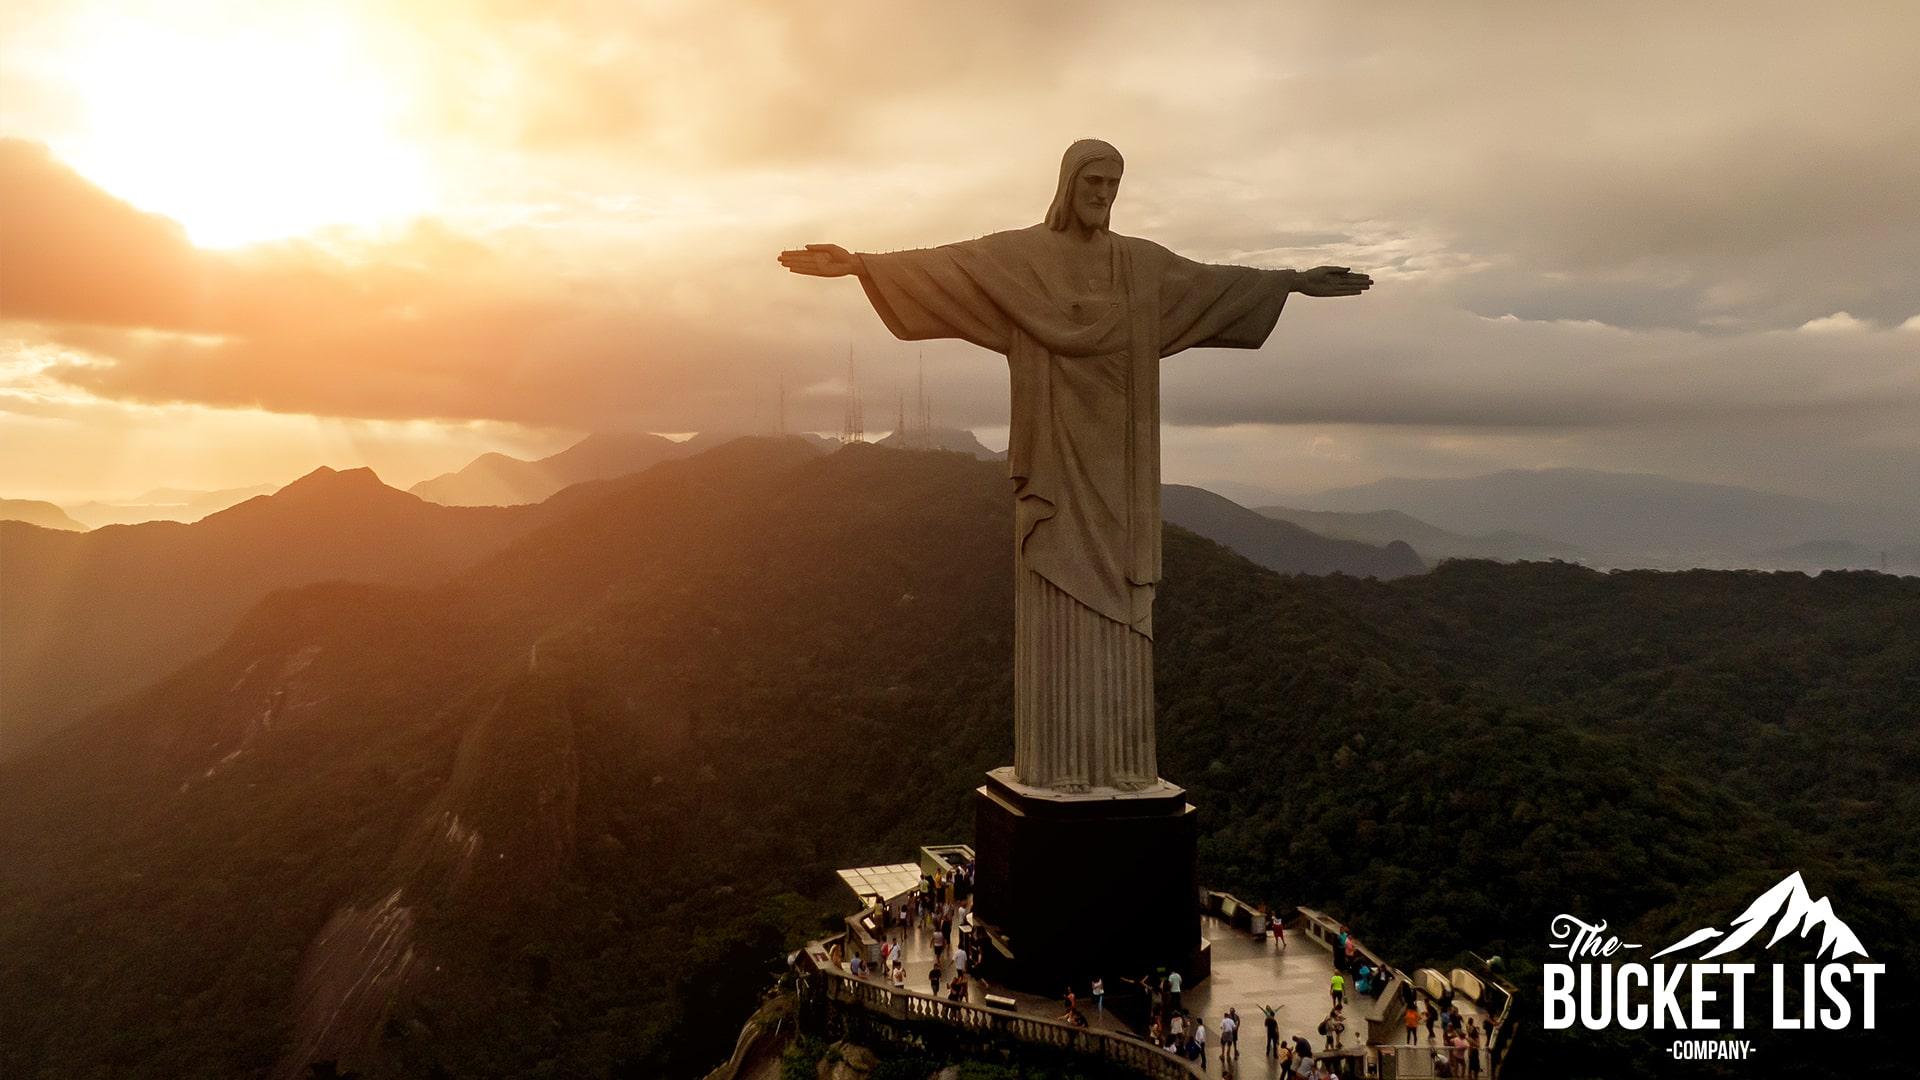 Christ the Redeemer standing tall over Rio De Janeiro